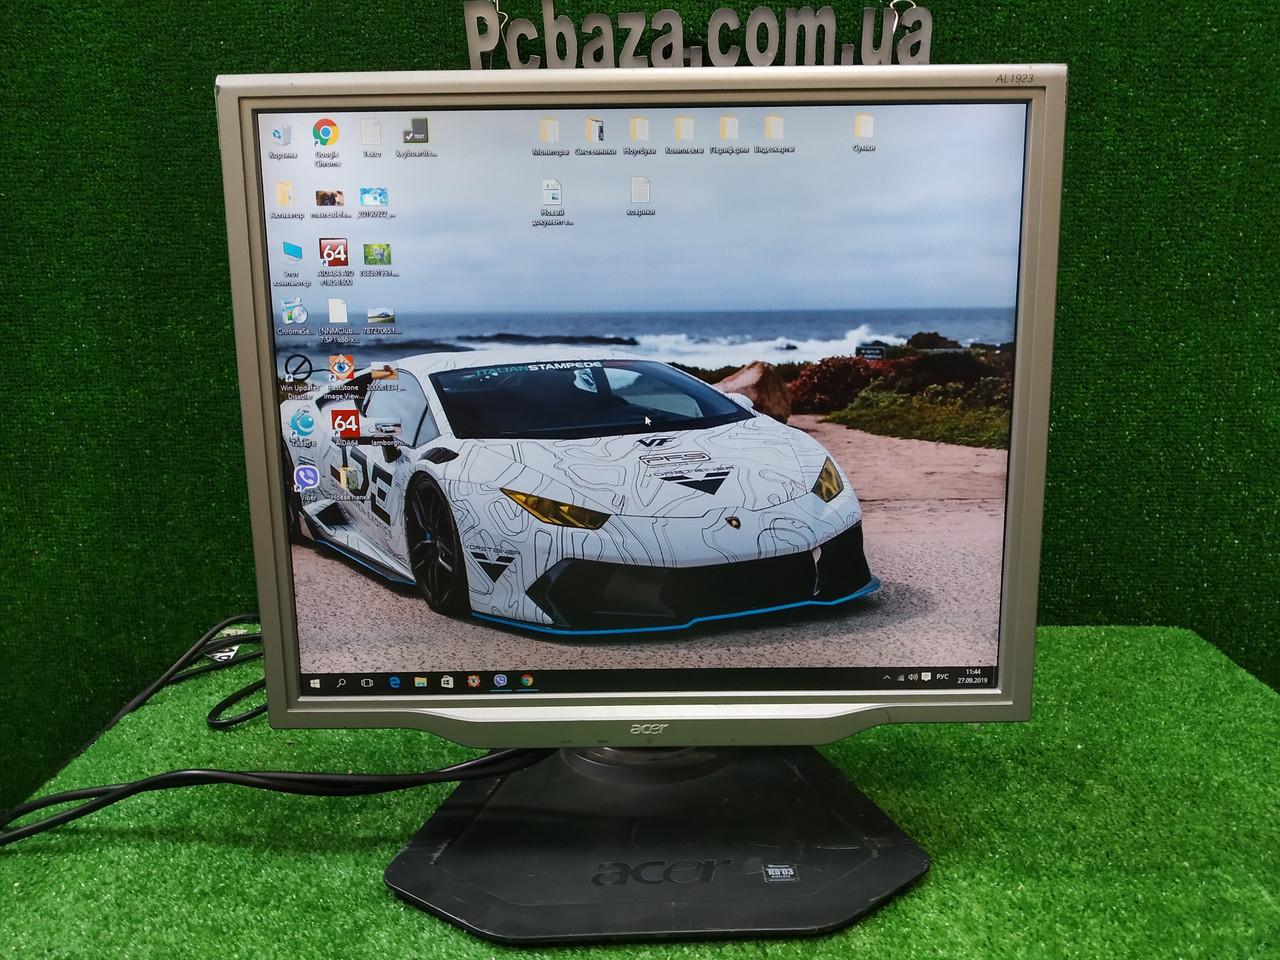 """Монитор 19"""" Acer al1923 PVA"""